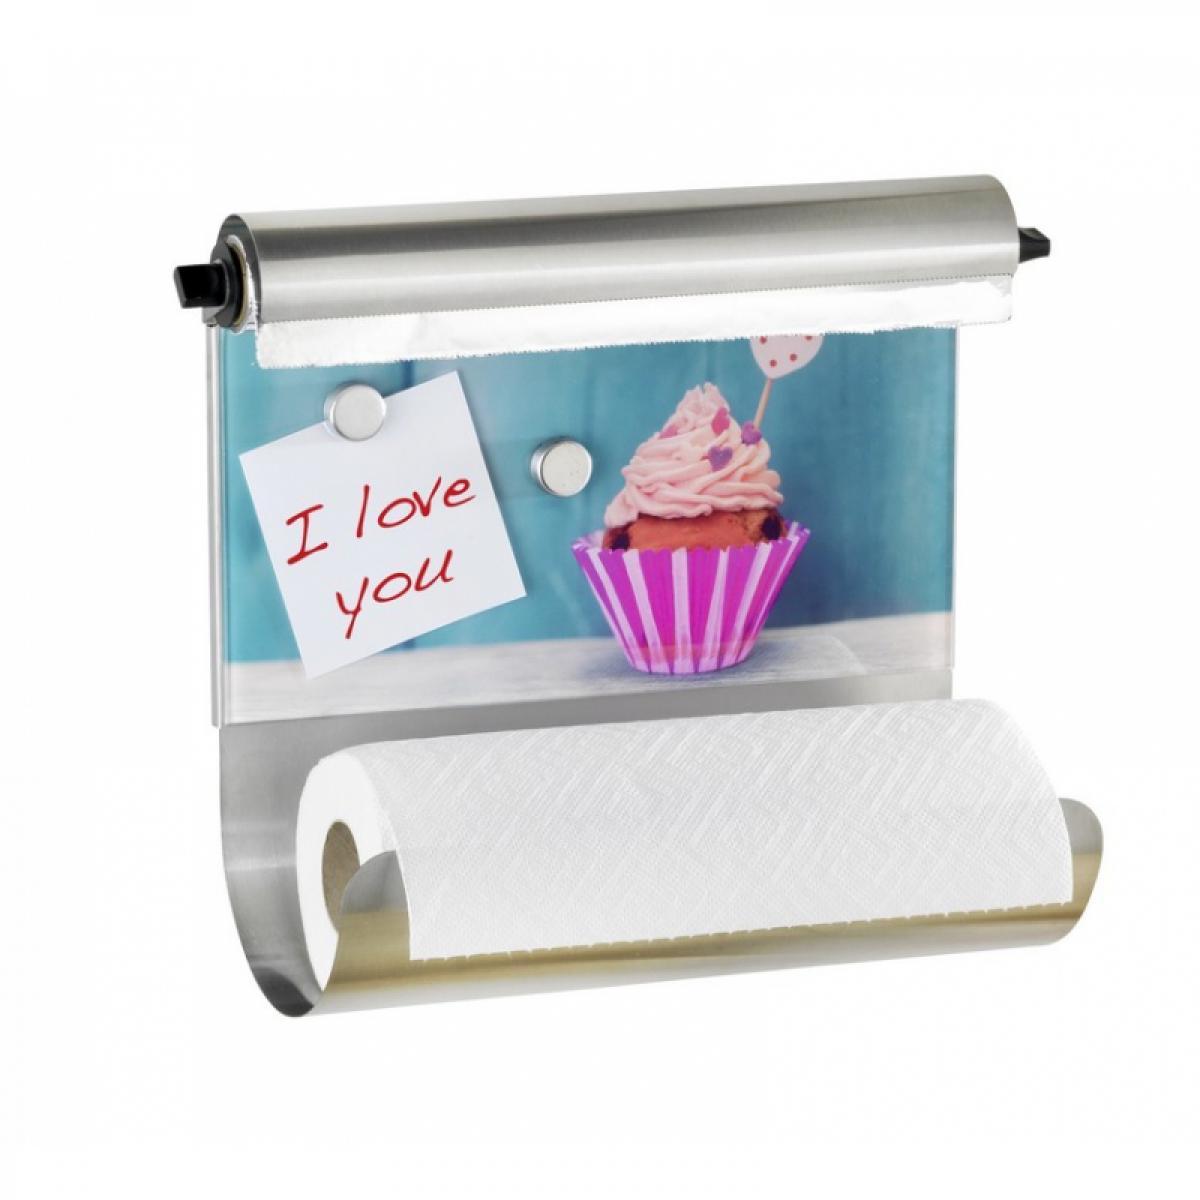 Wenko Porte essuie-tout avec tableau magnétique - Cupcake